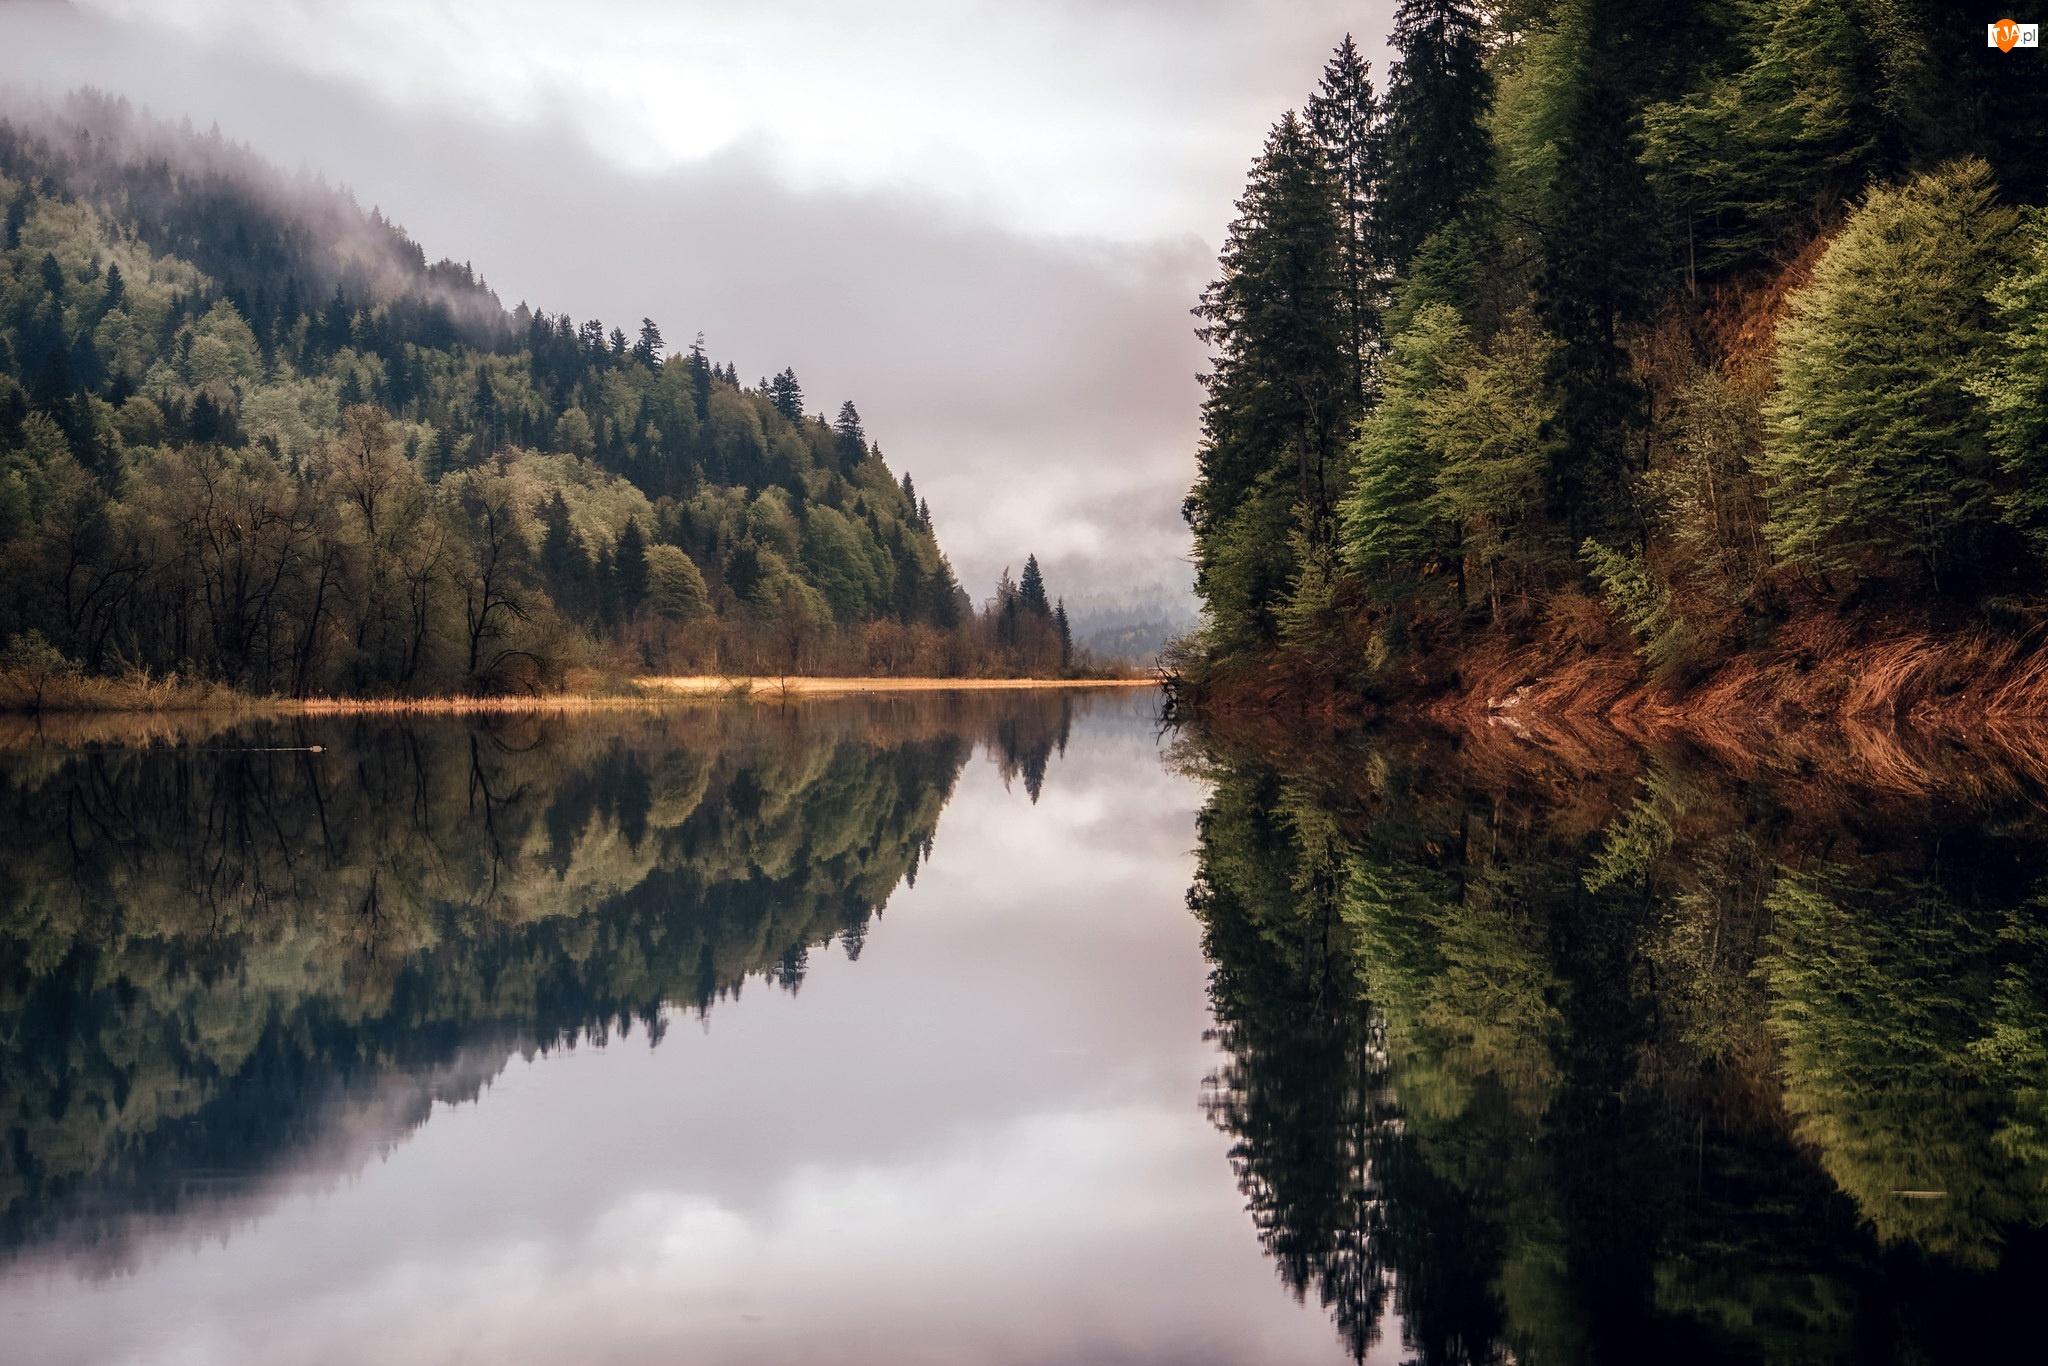 Drzewa, Odbicie, Niemcy, Jezioro Bergsee, Bawaria, Mgła, Las